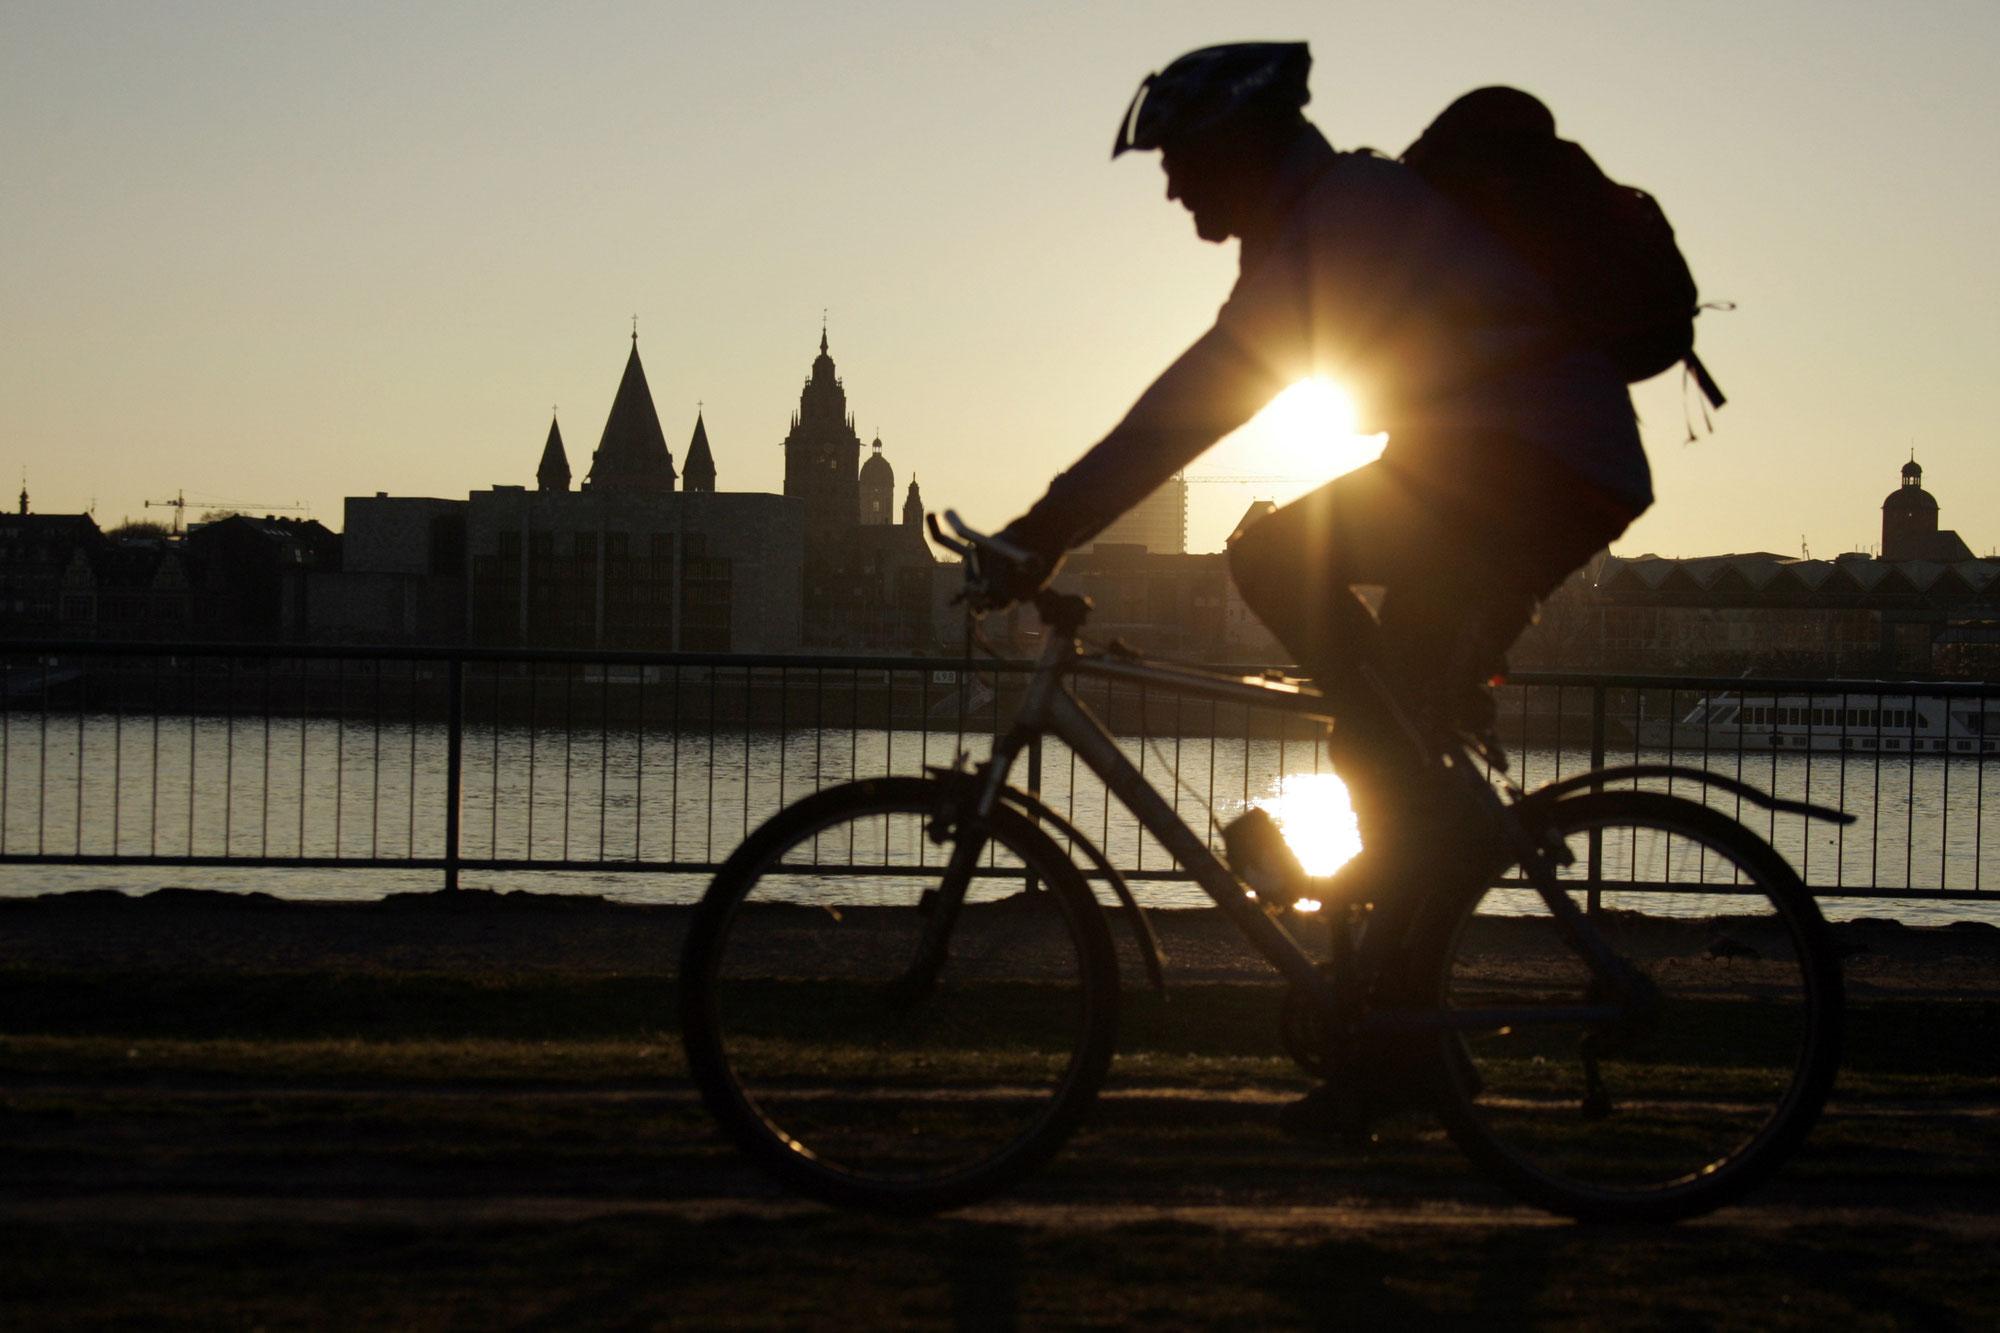 Bike Citizens: Radfahren in Mainz wird belohnt